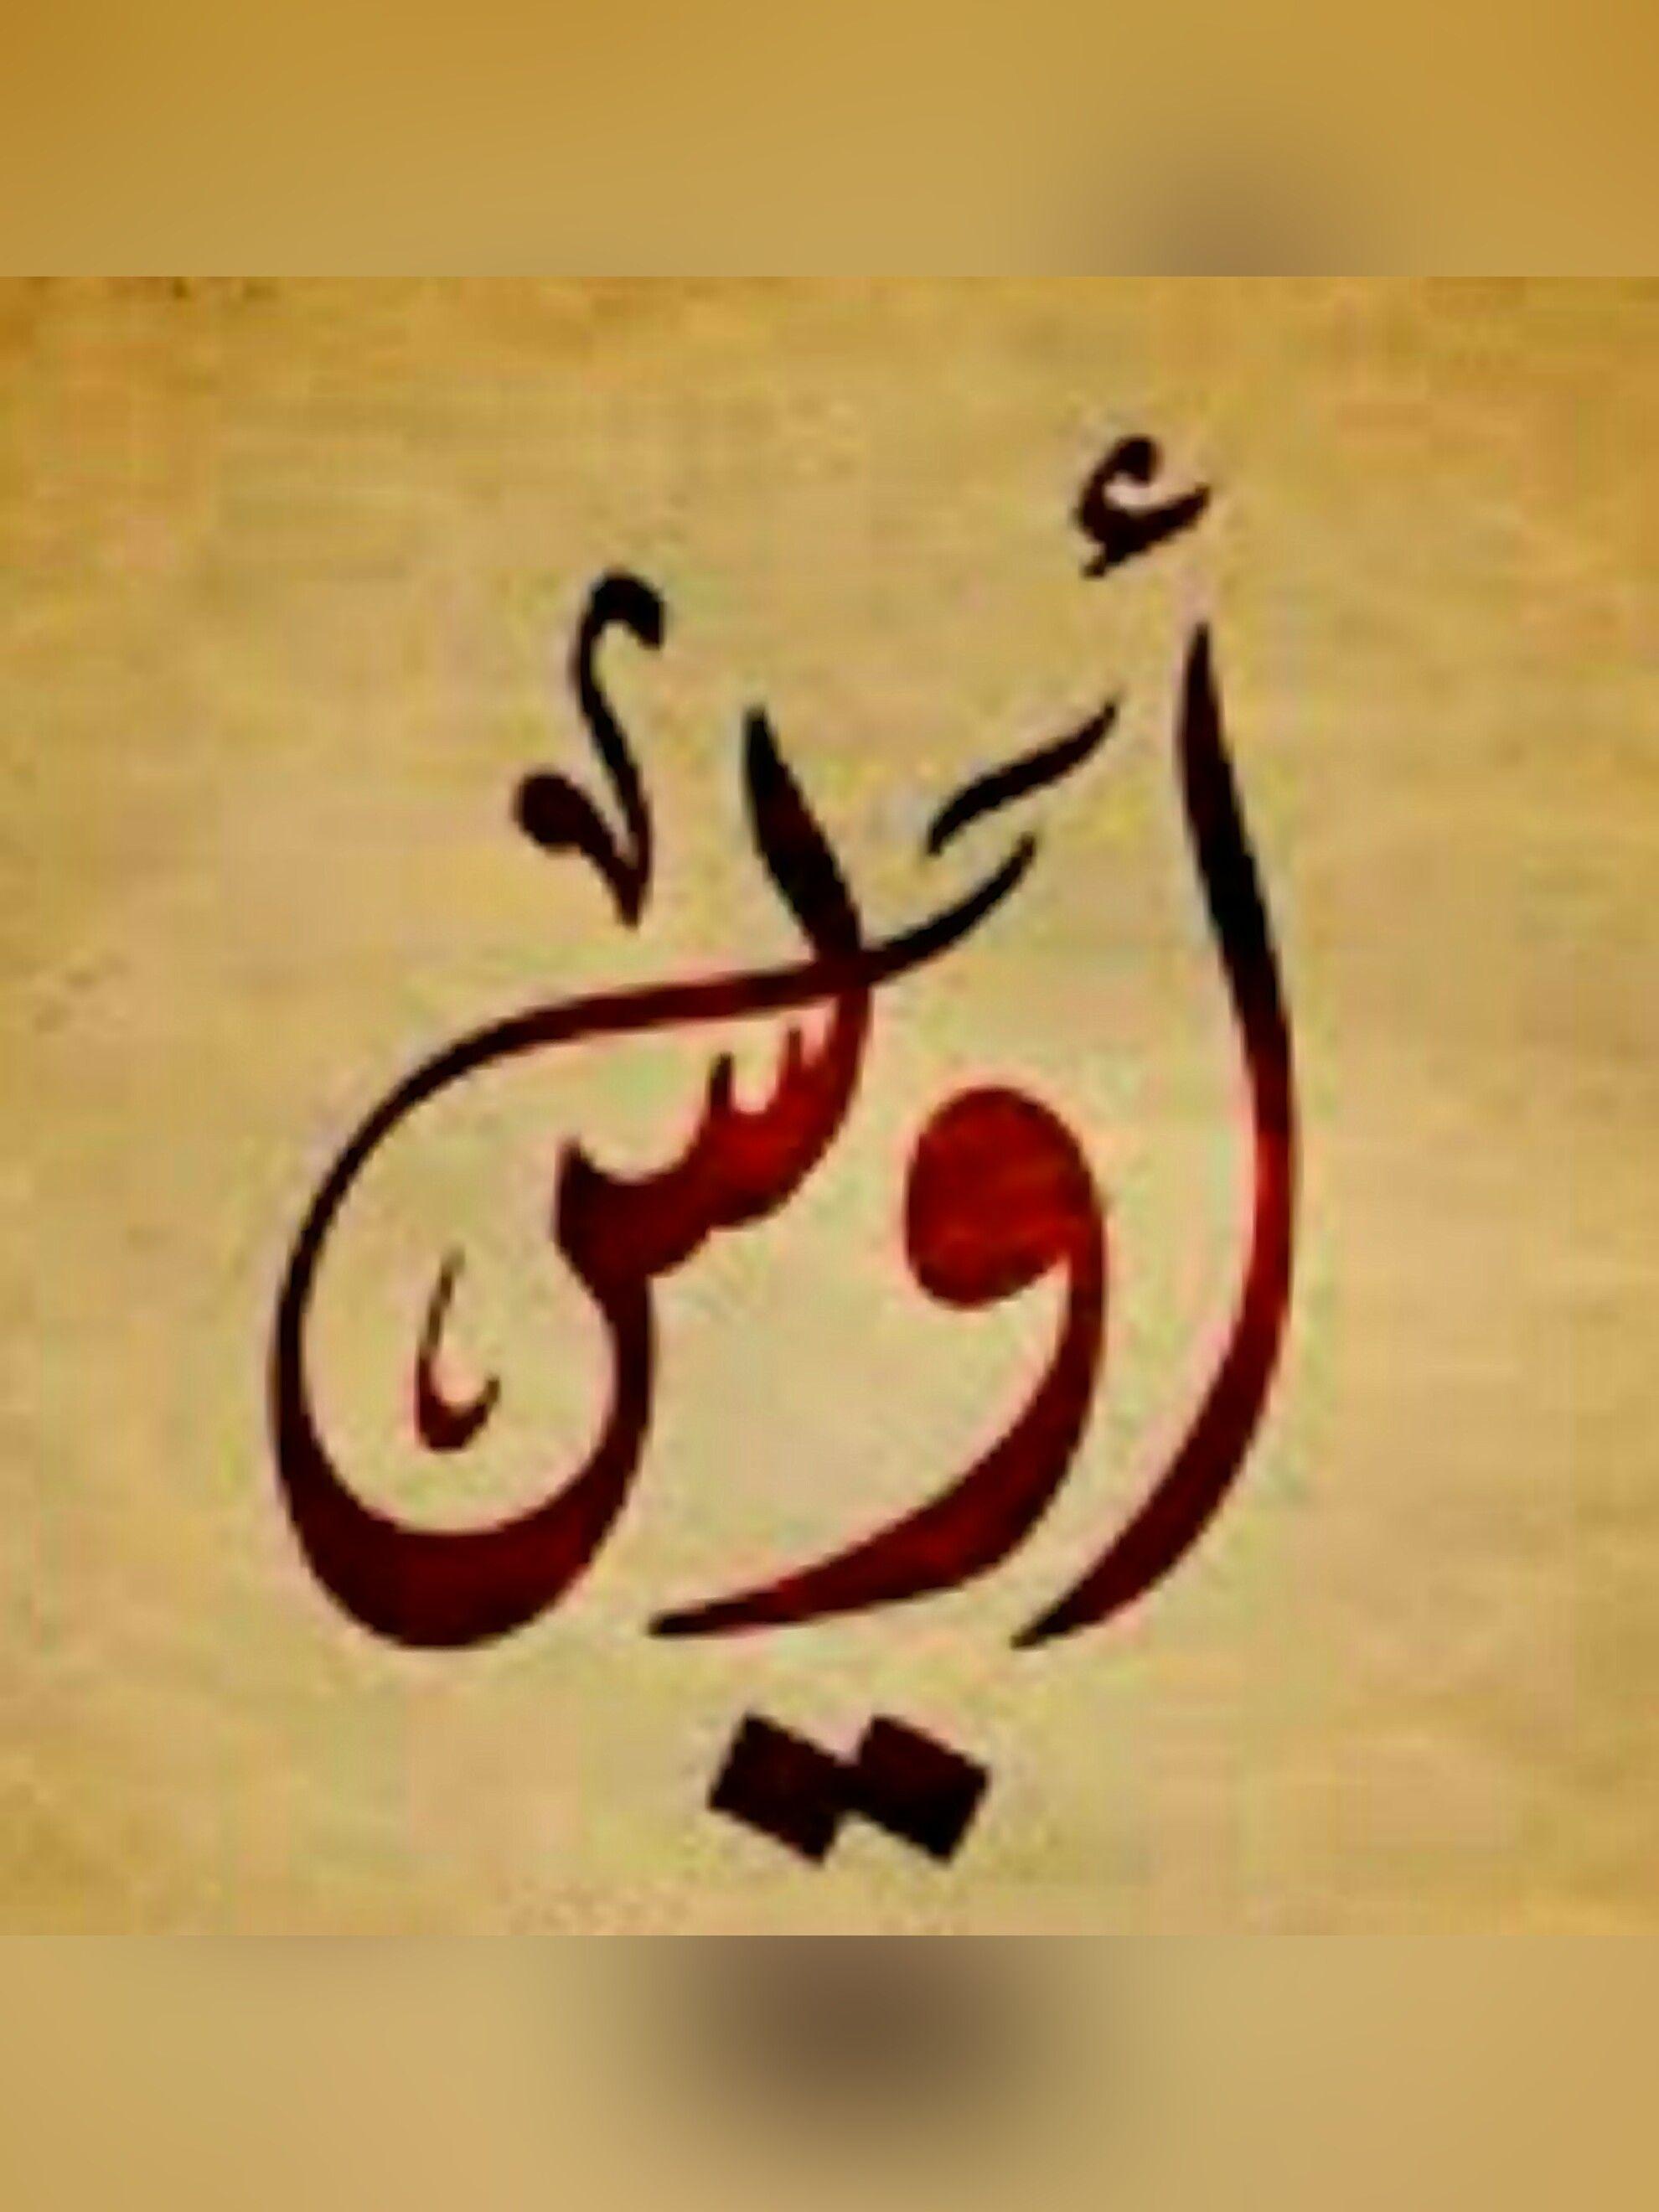 مجموعة صور لل اسم Ahmed مزخرف للفيس بوك